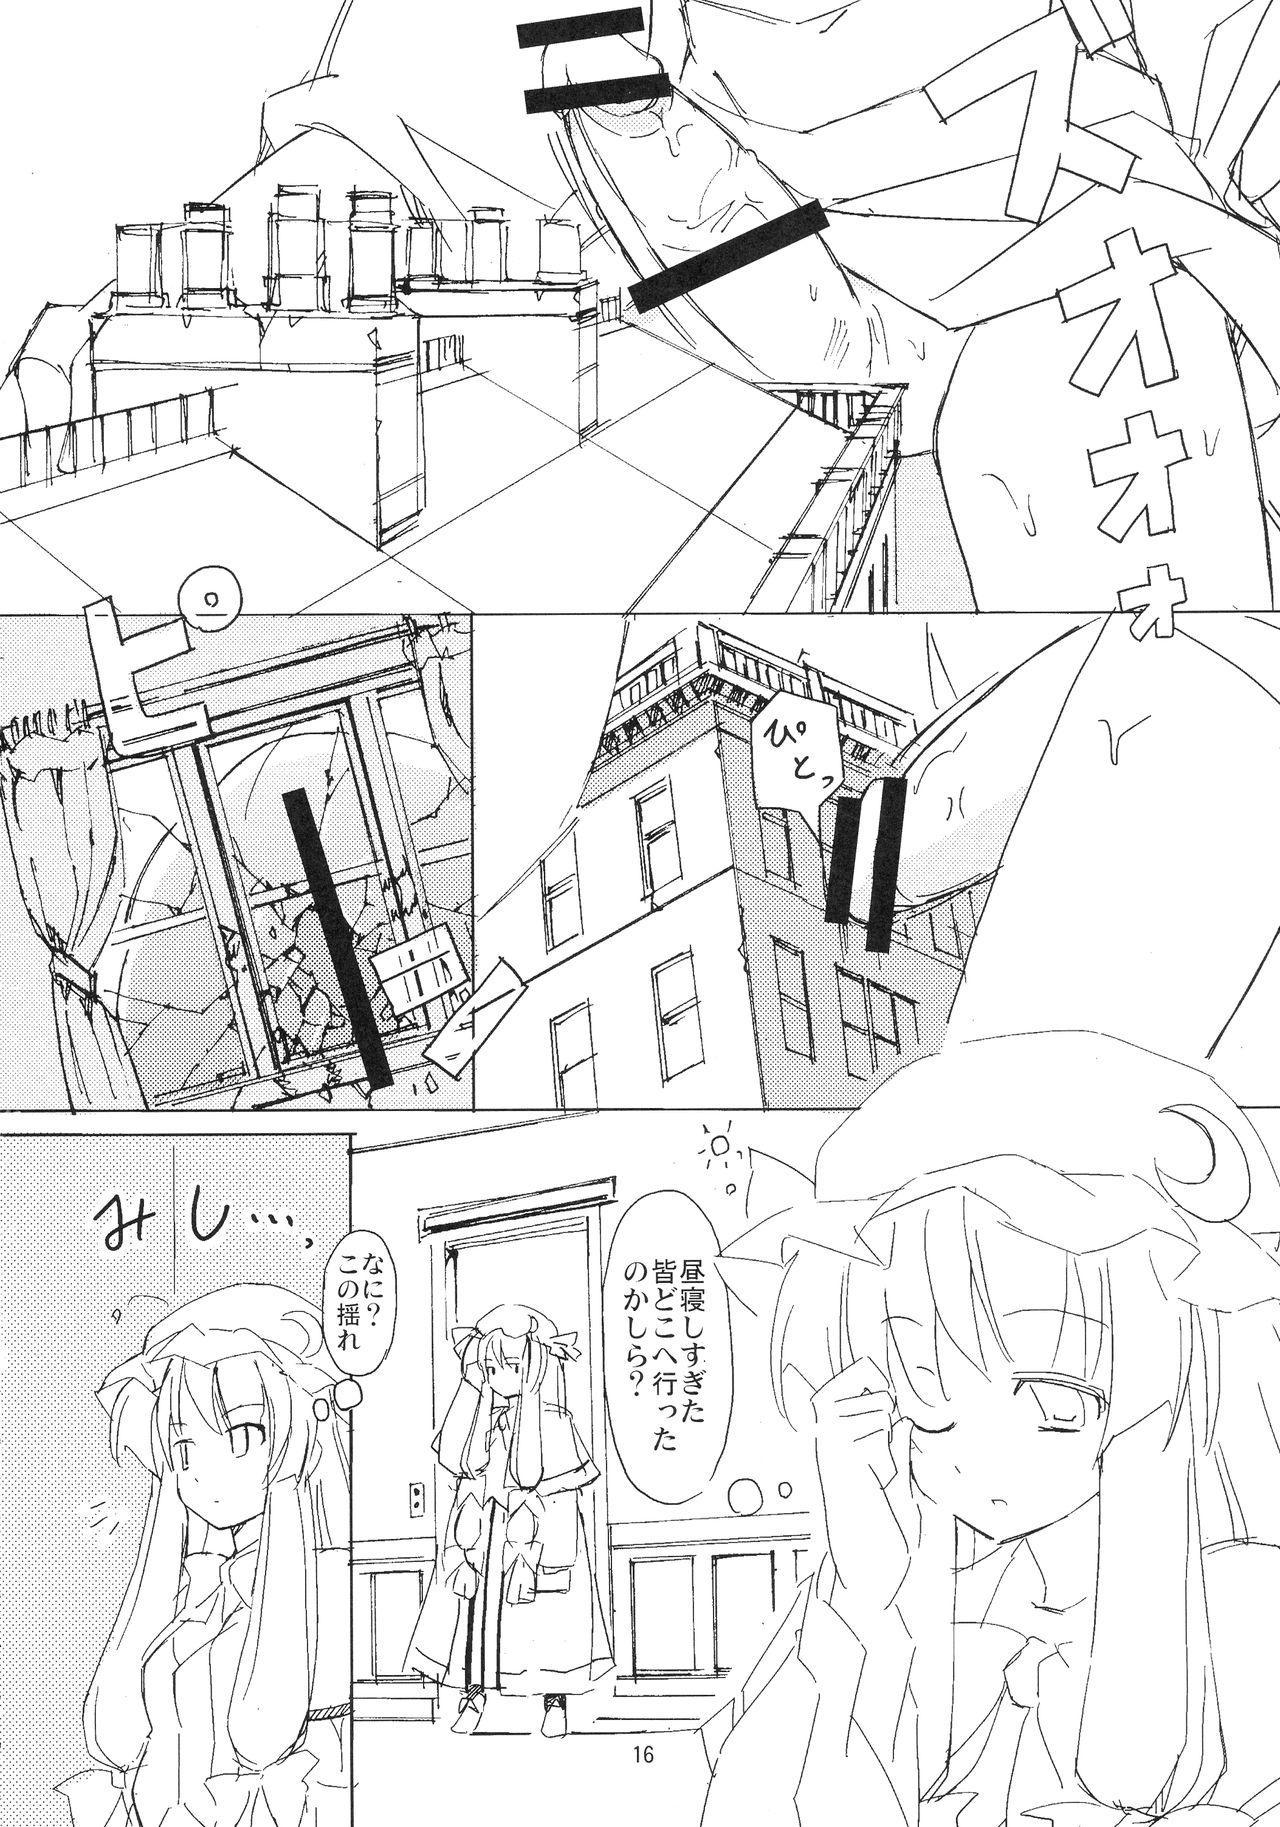 Shameimaru Kyouju no Hiritsuteki Aijou 15